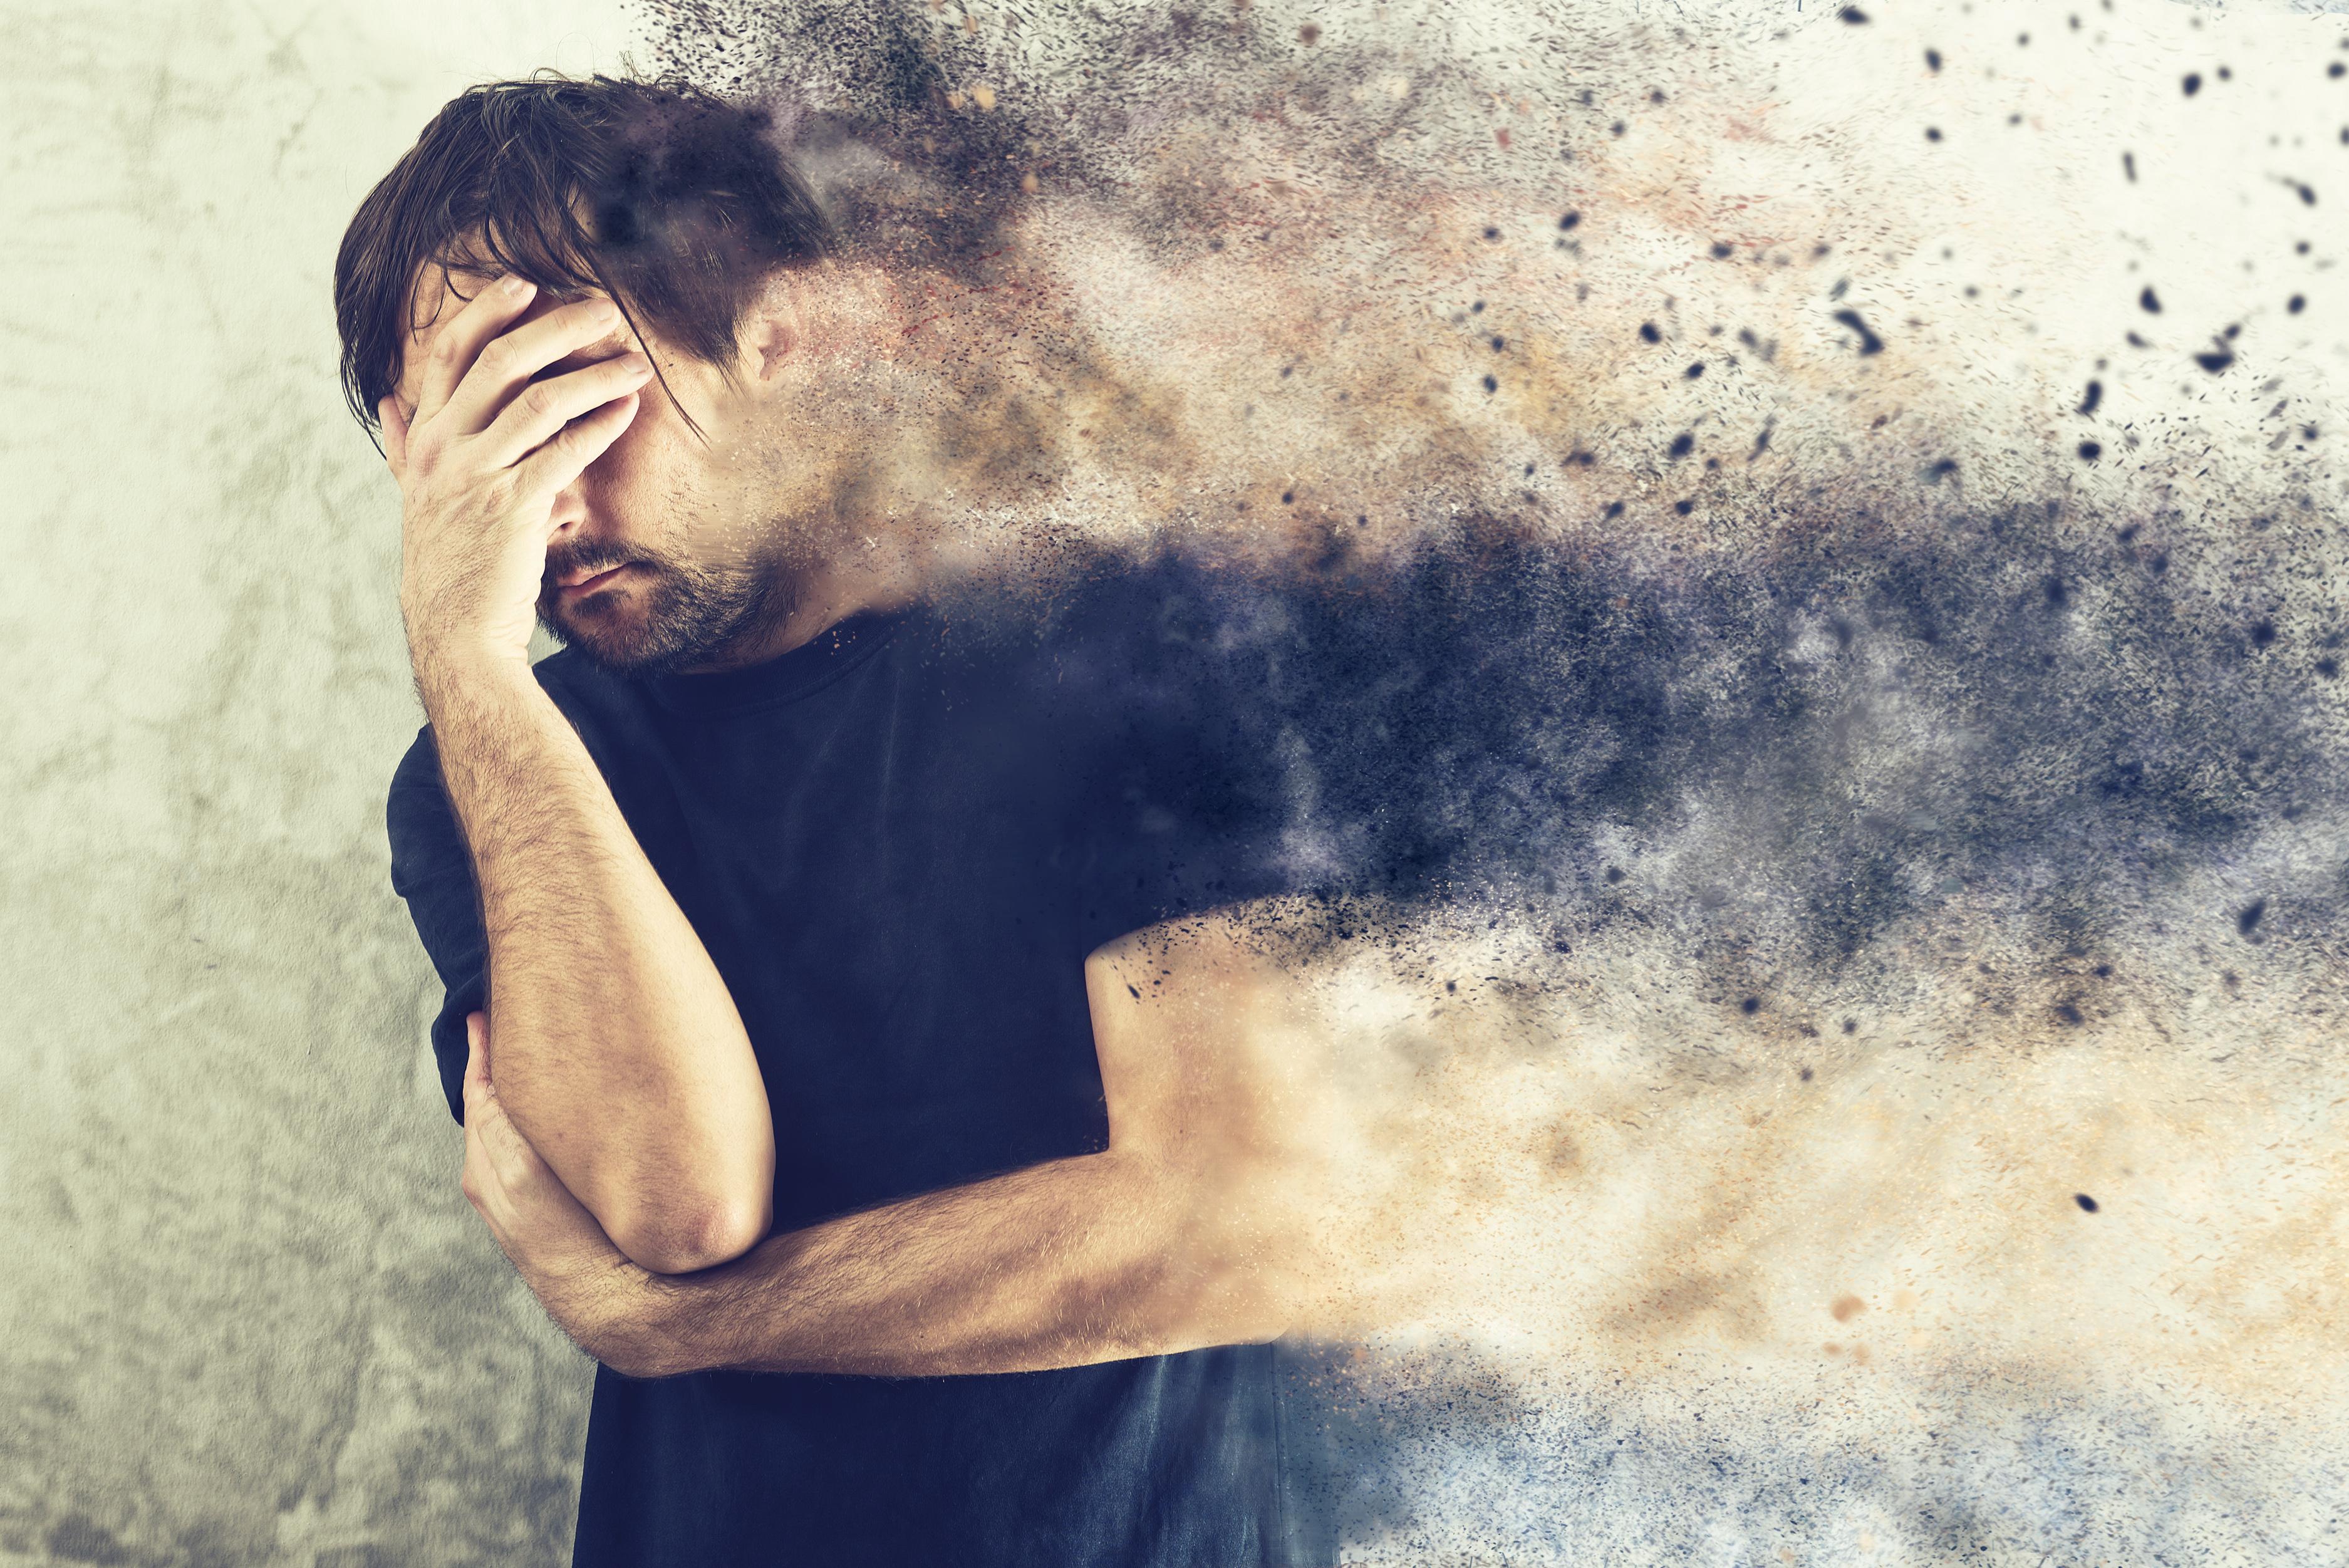 Как избавиться от саморазрушения – психологическая консультация